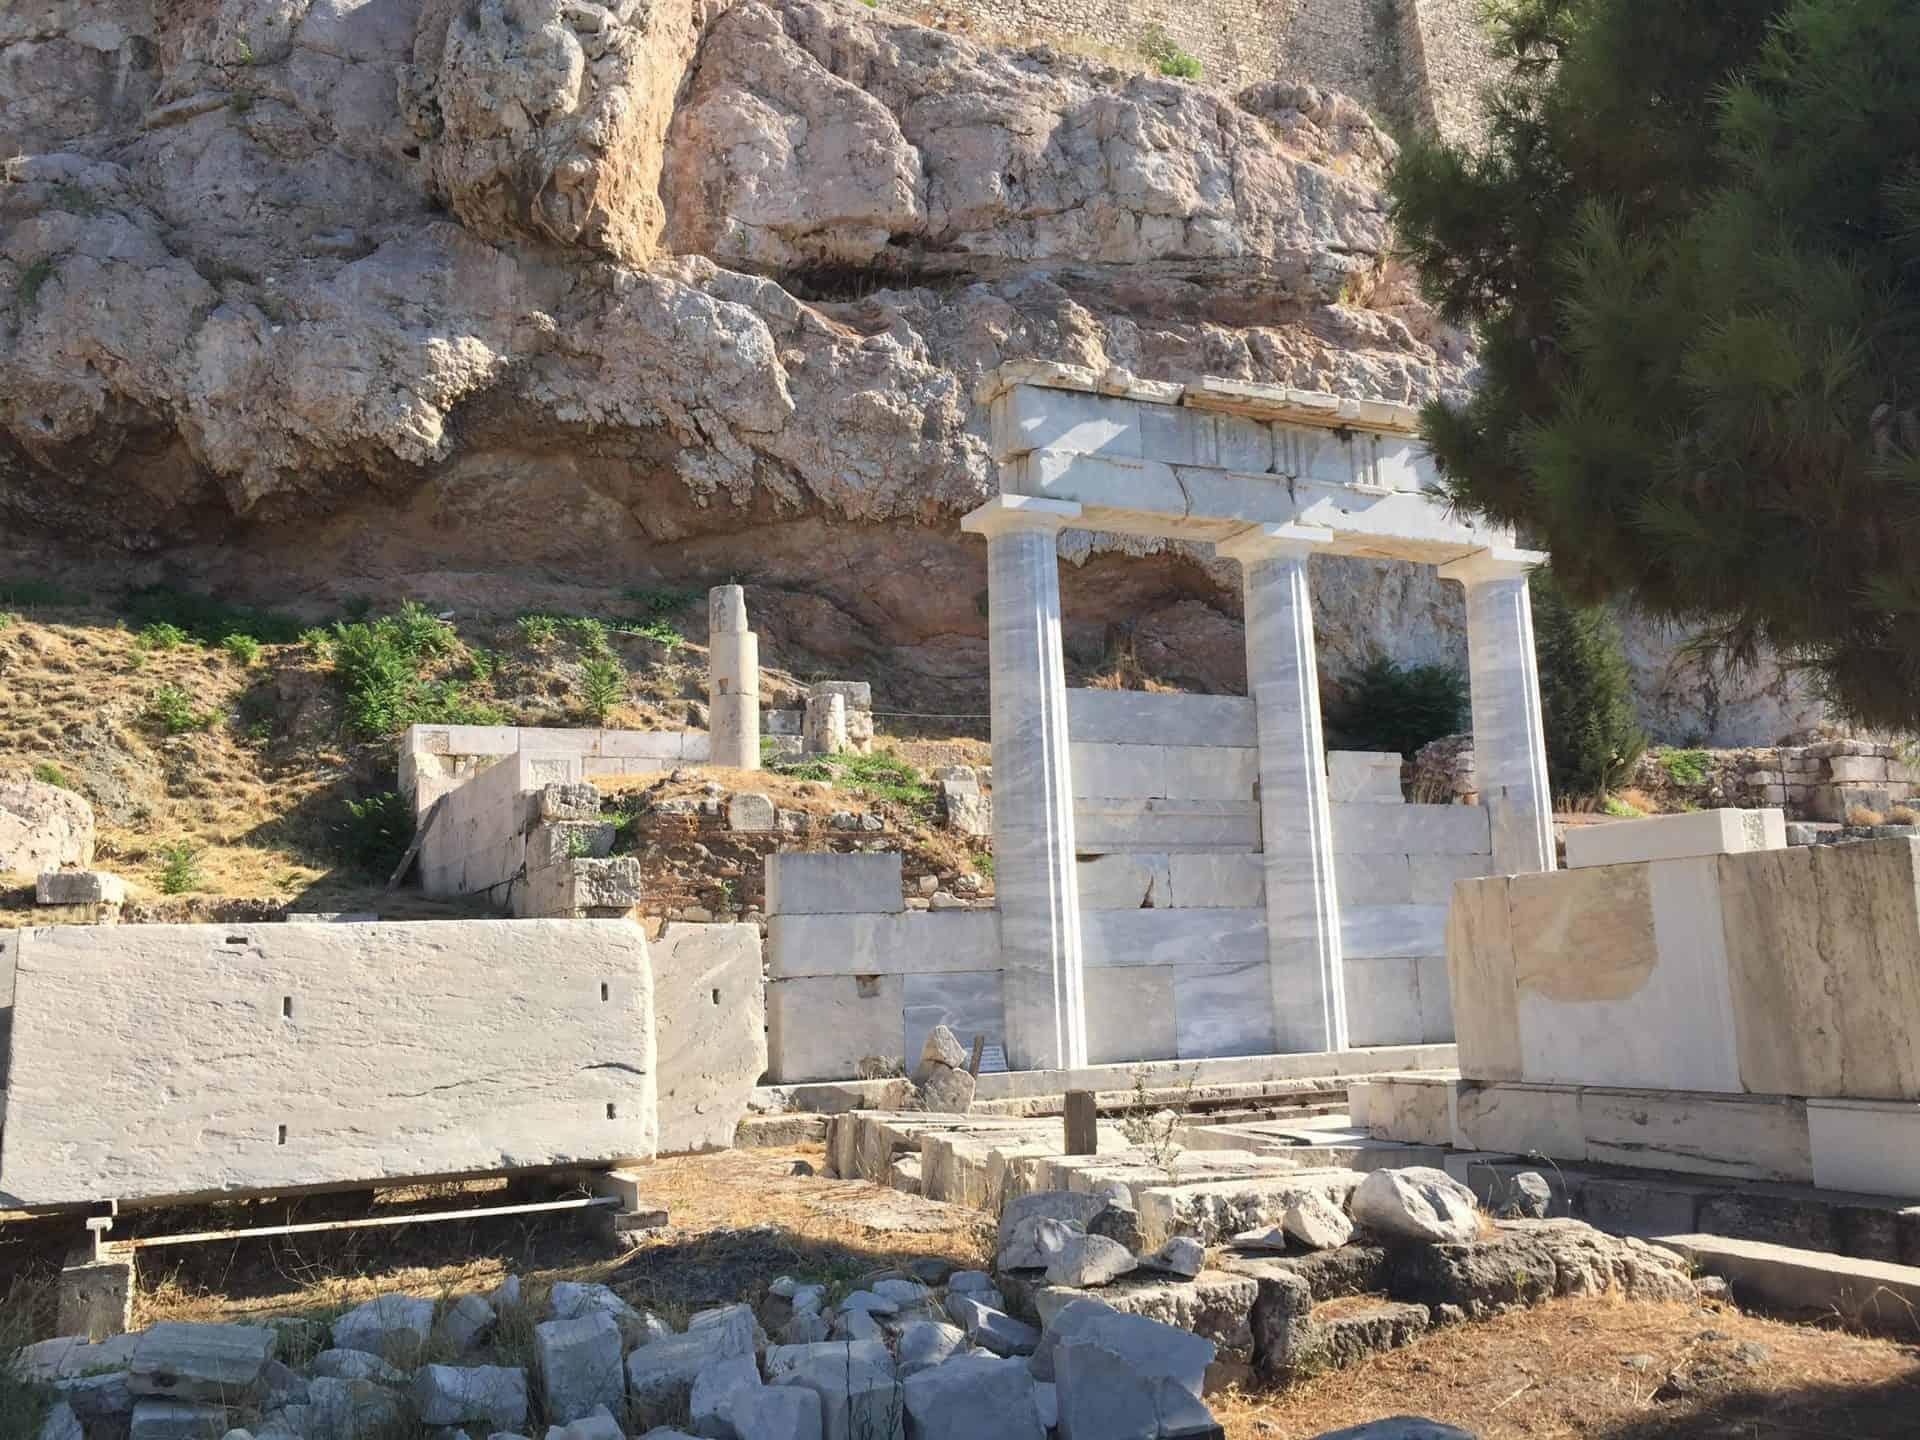 athens_acropolis21-Sanctuary-of-Asclepius-37.97059, 23.72665